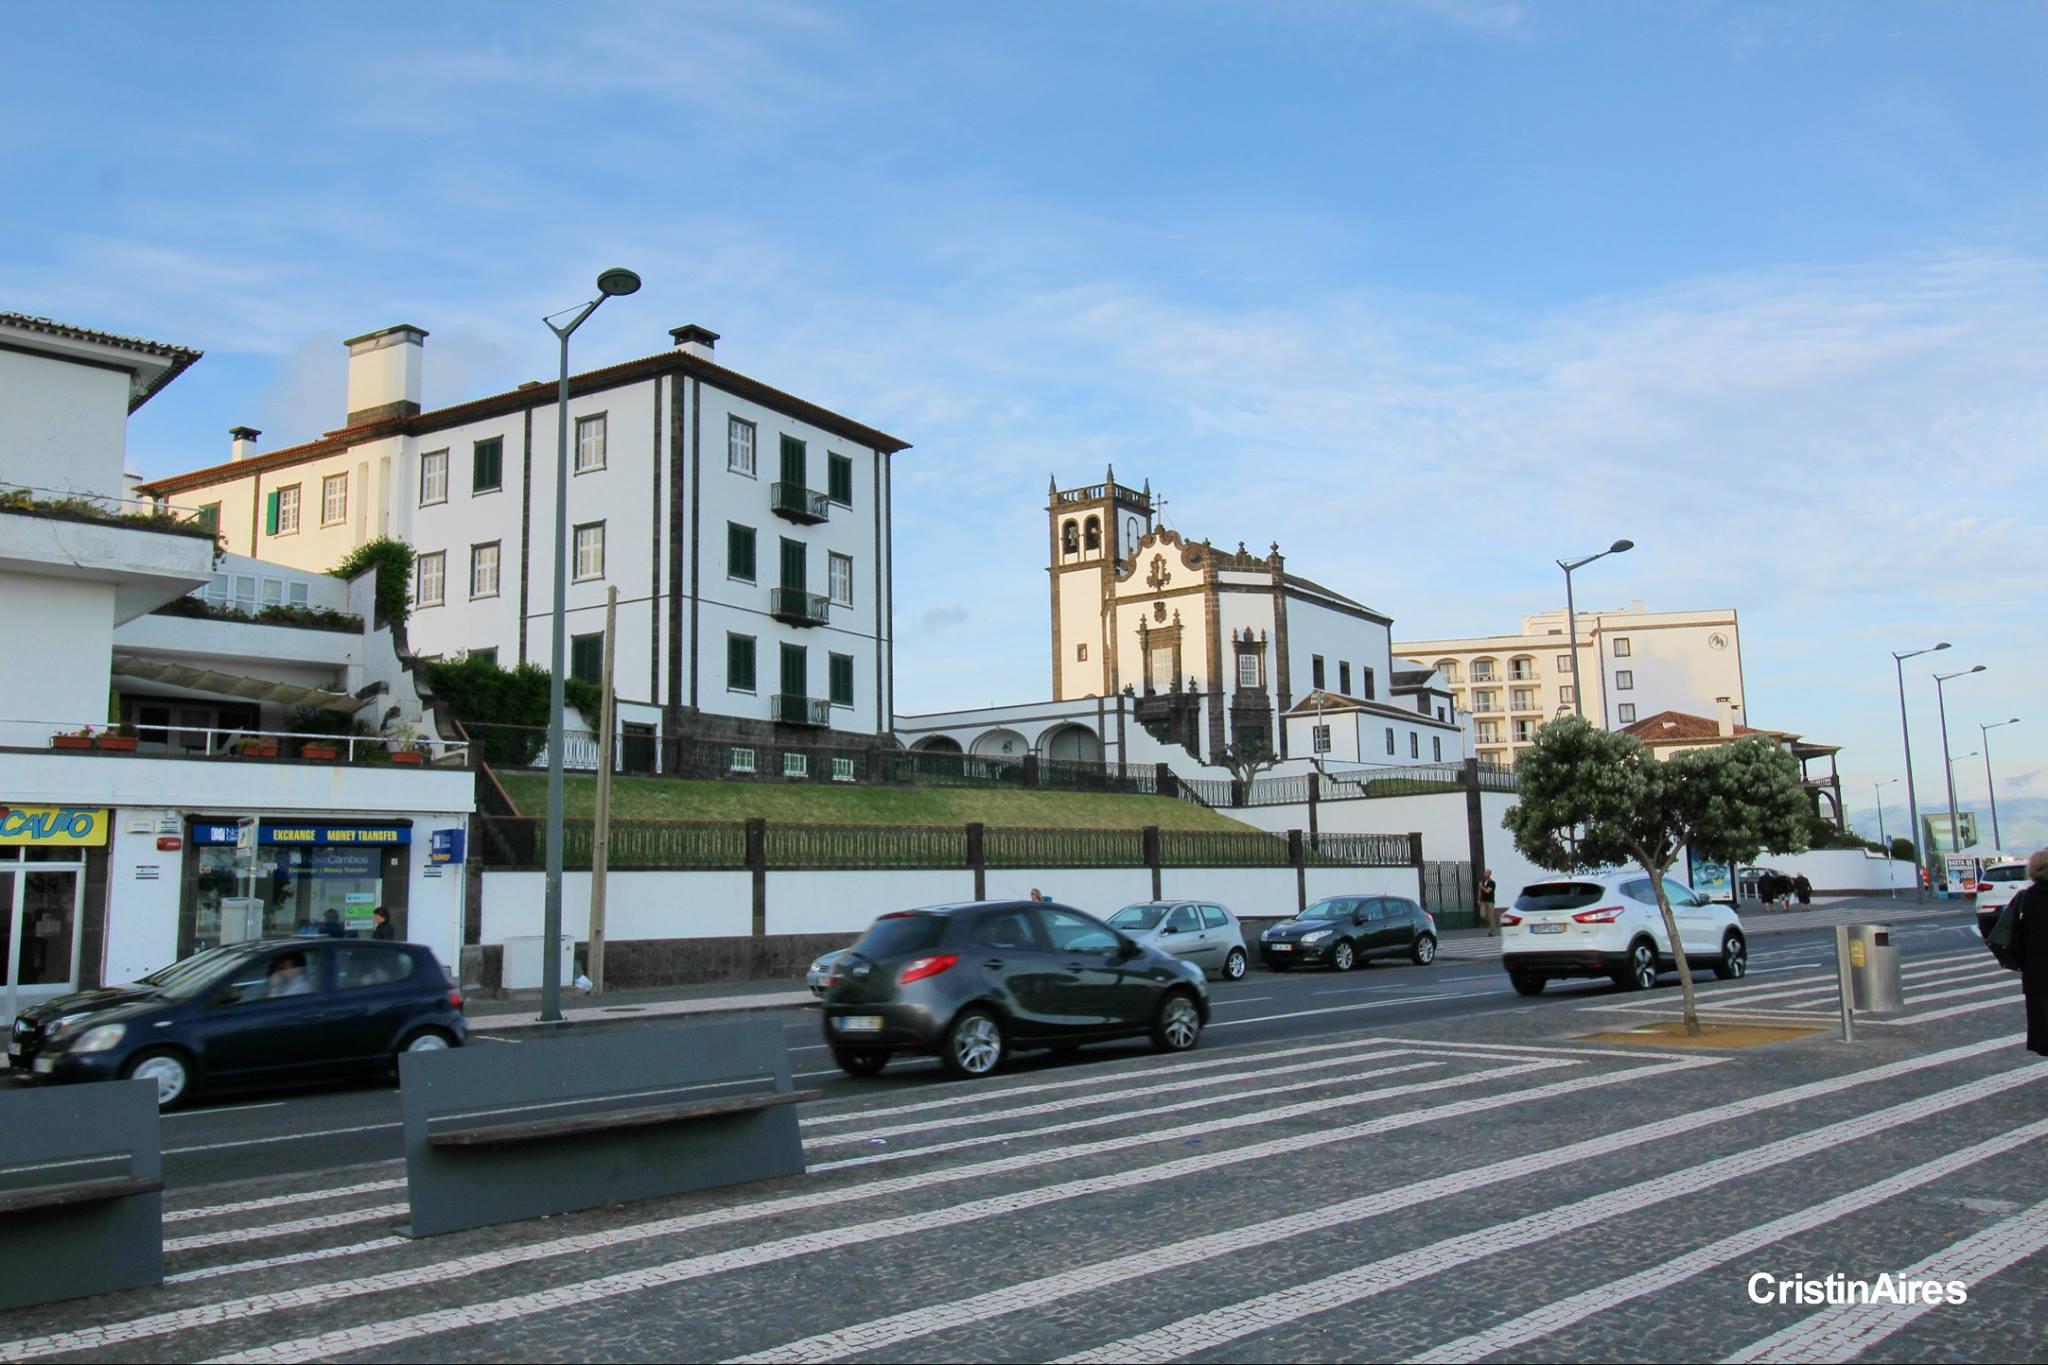 São Pedro, Ponta Delgada